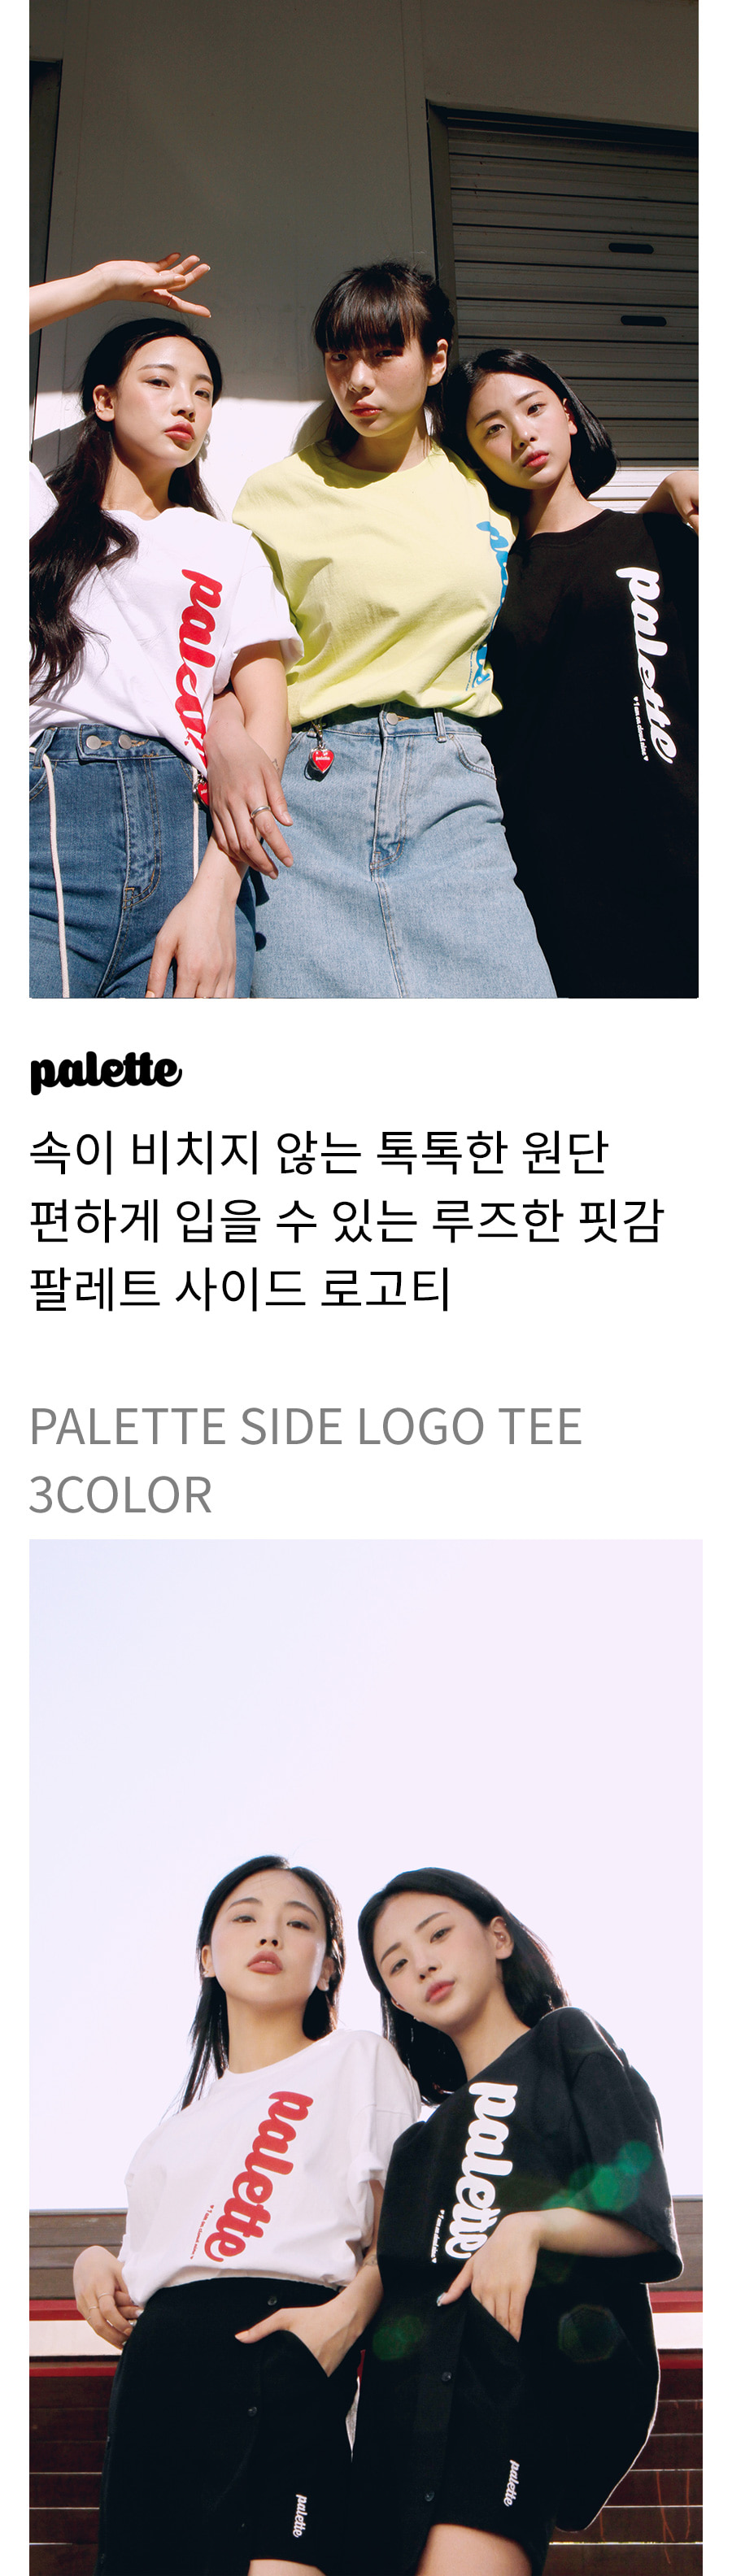 팔레트(PALETTE) [굿즈팩증정] PALETTE SIDE LOGO TEE (BLACK)